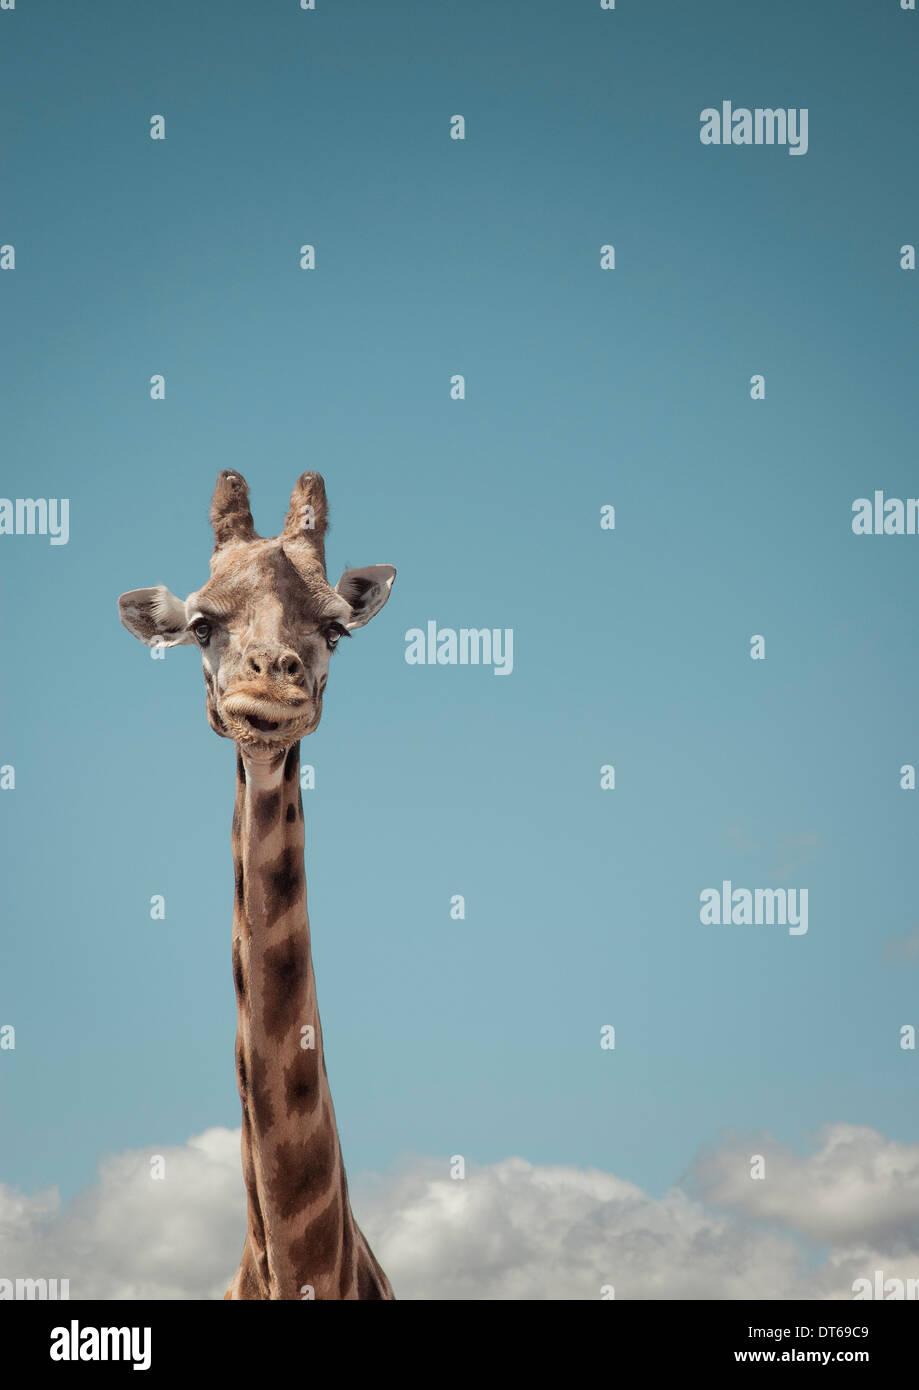 Retrato de la jirafa y cielo azul Imagen De Stock